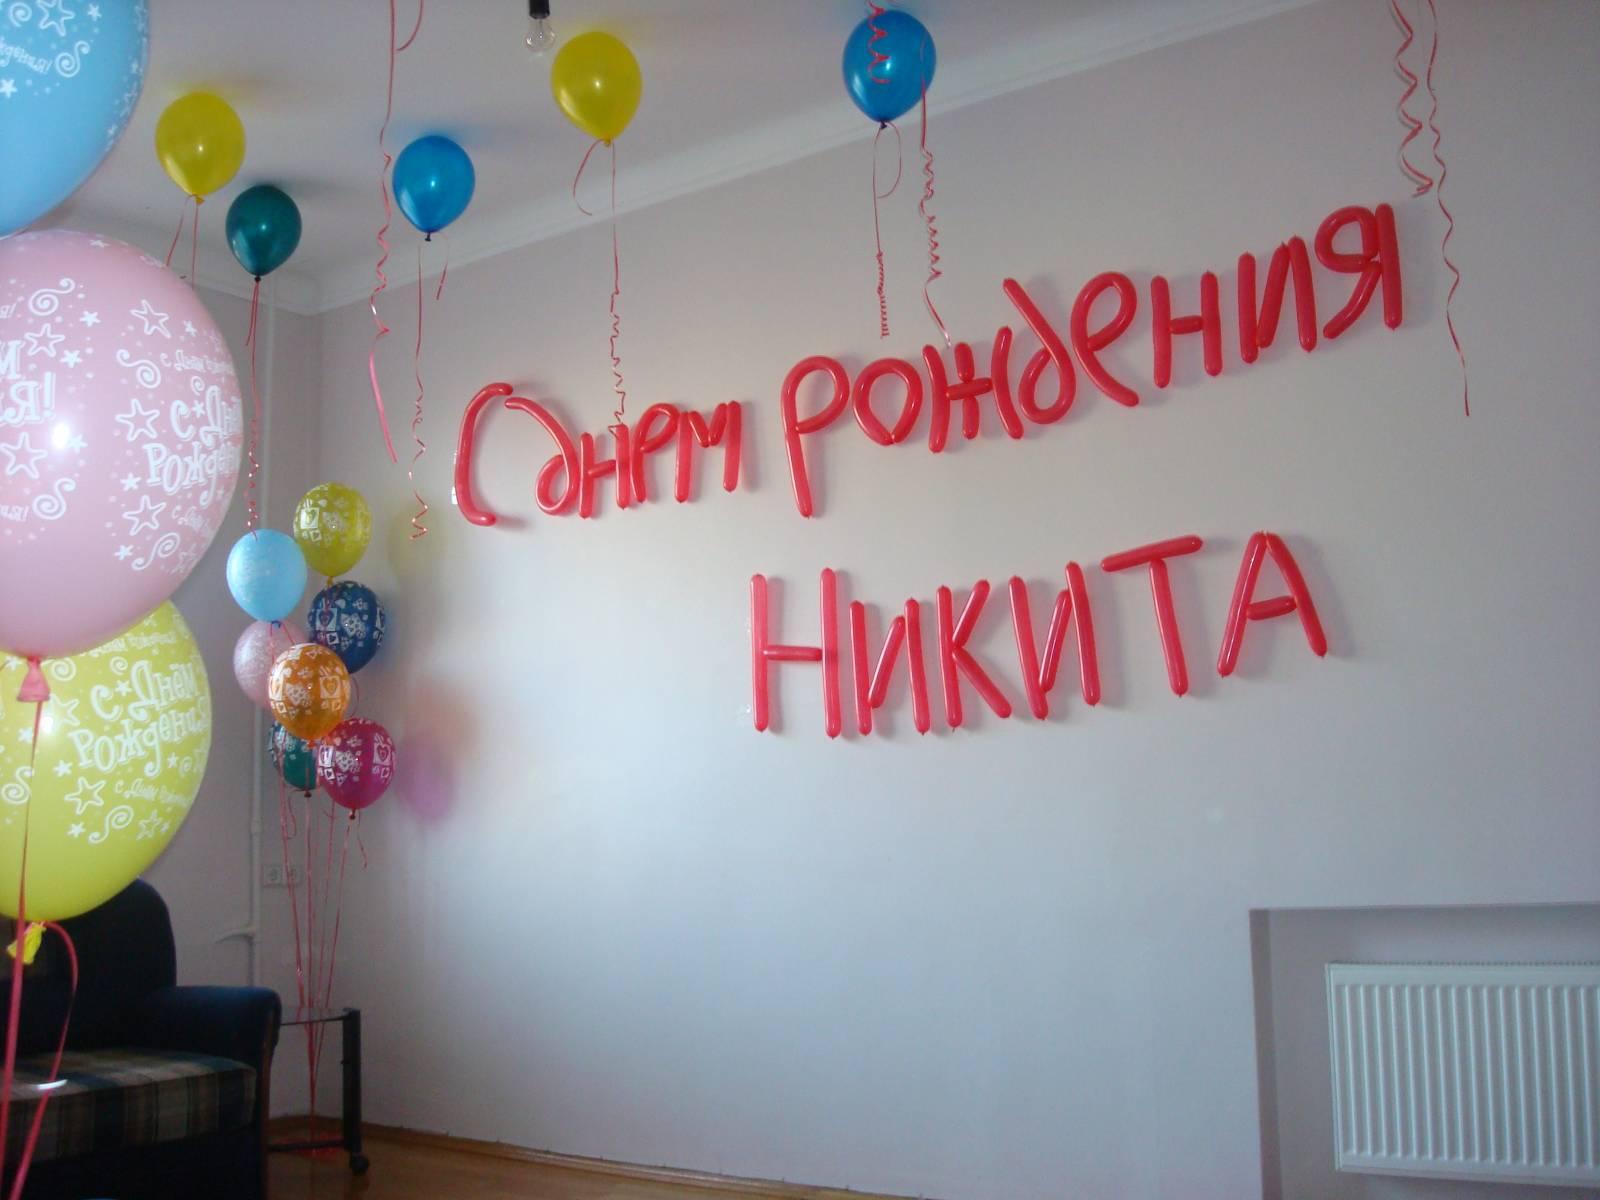 Как украсить дом ко дню рождения мужа своими руками 24